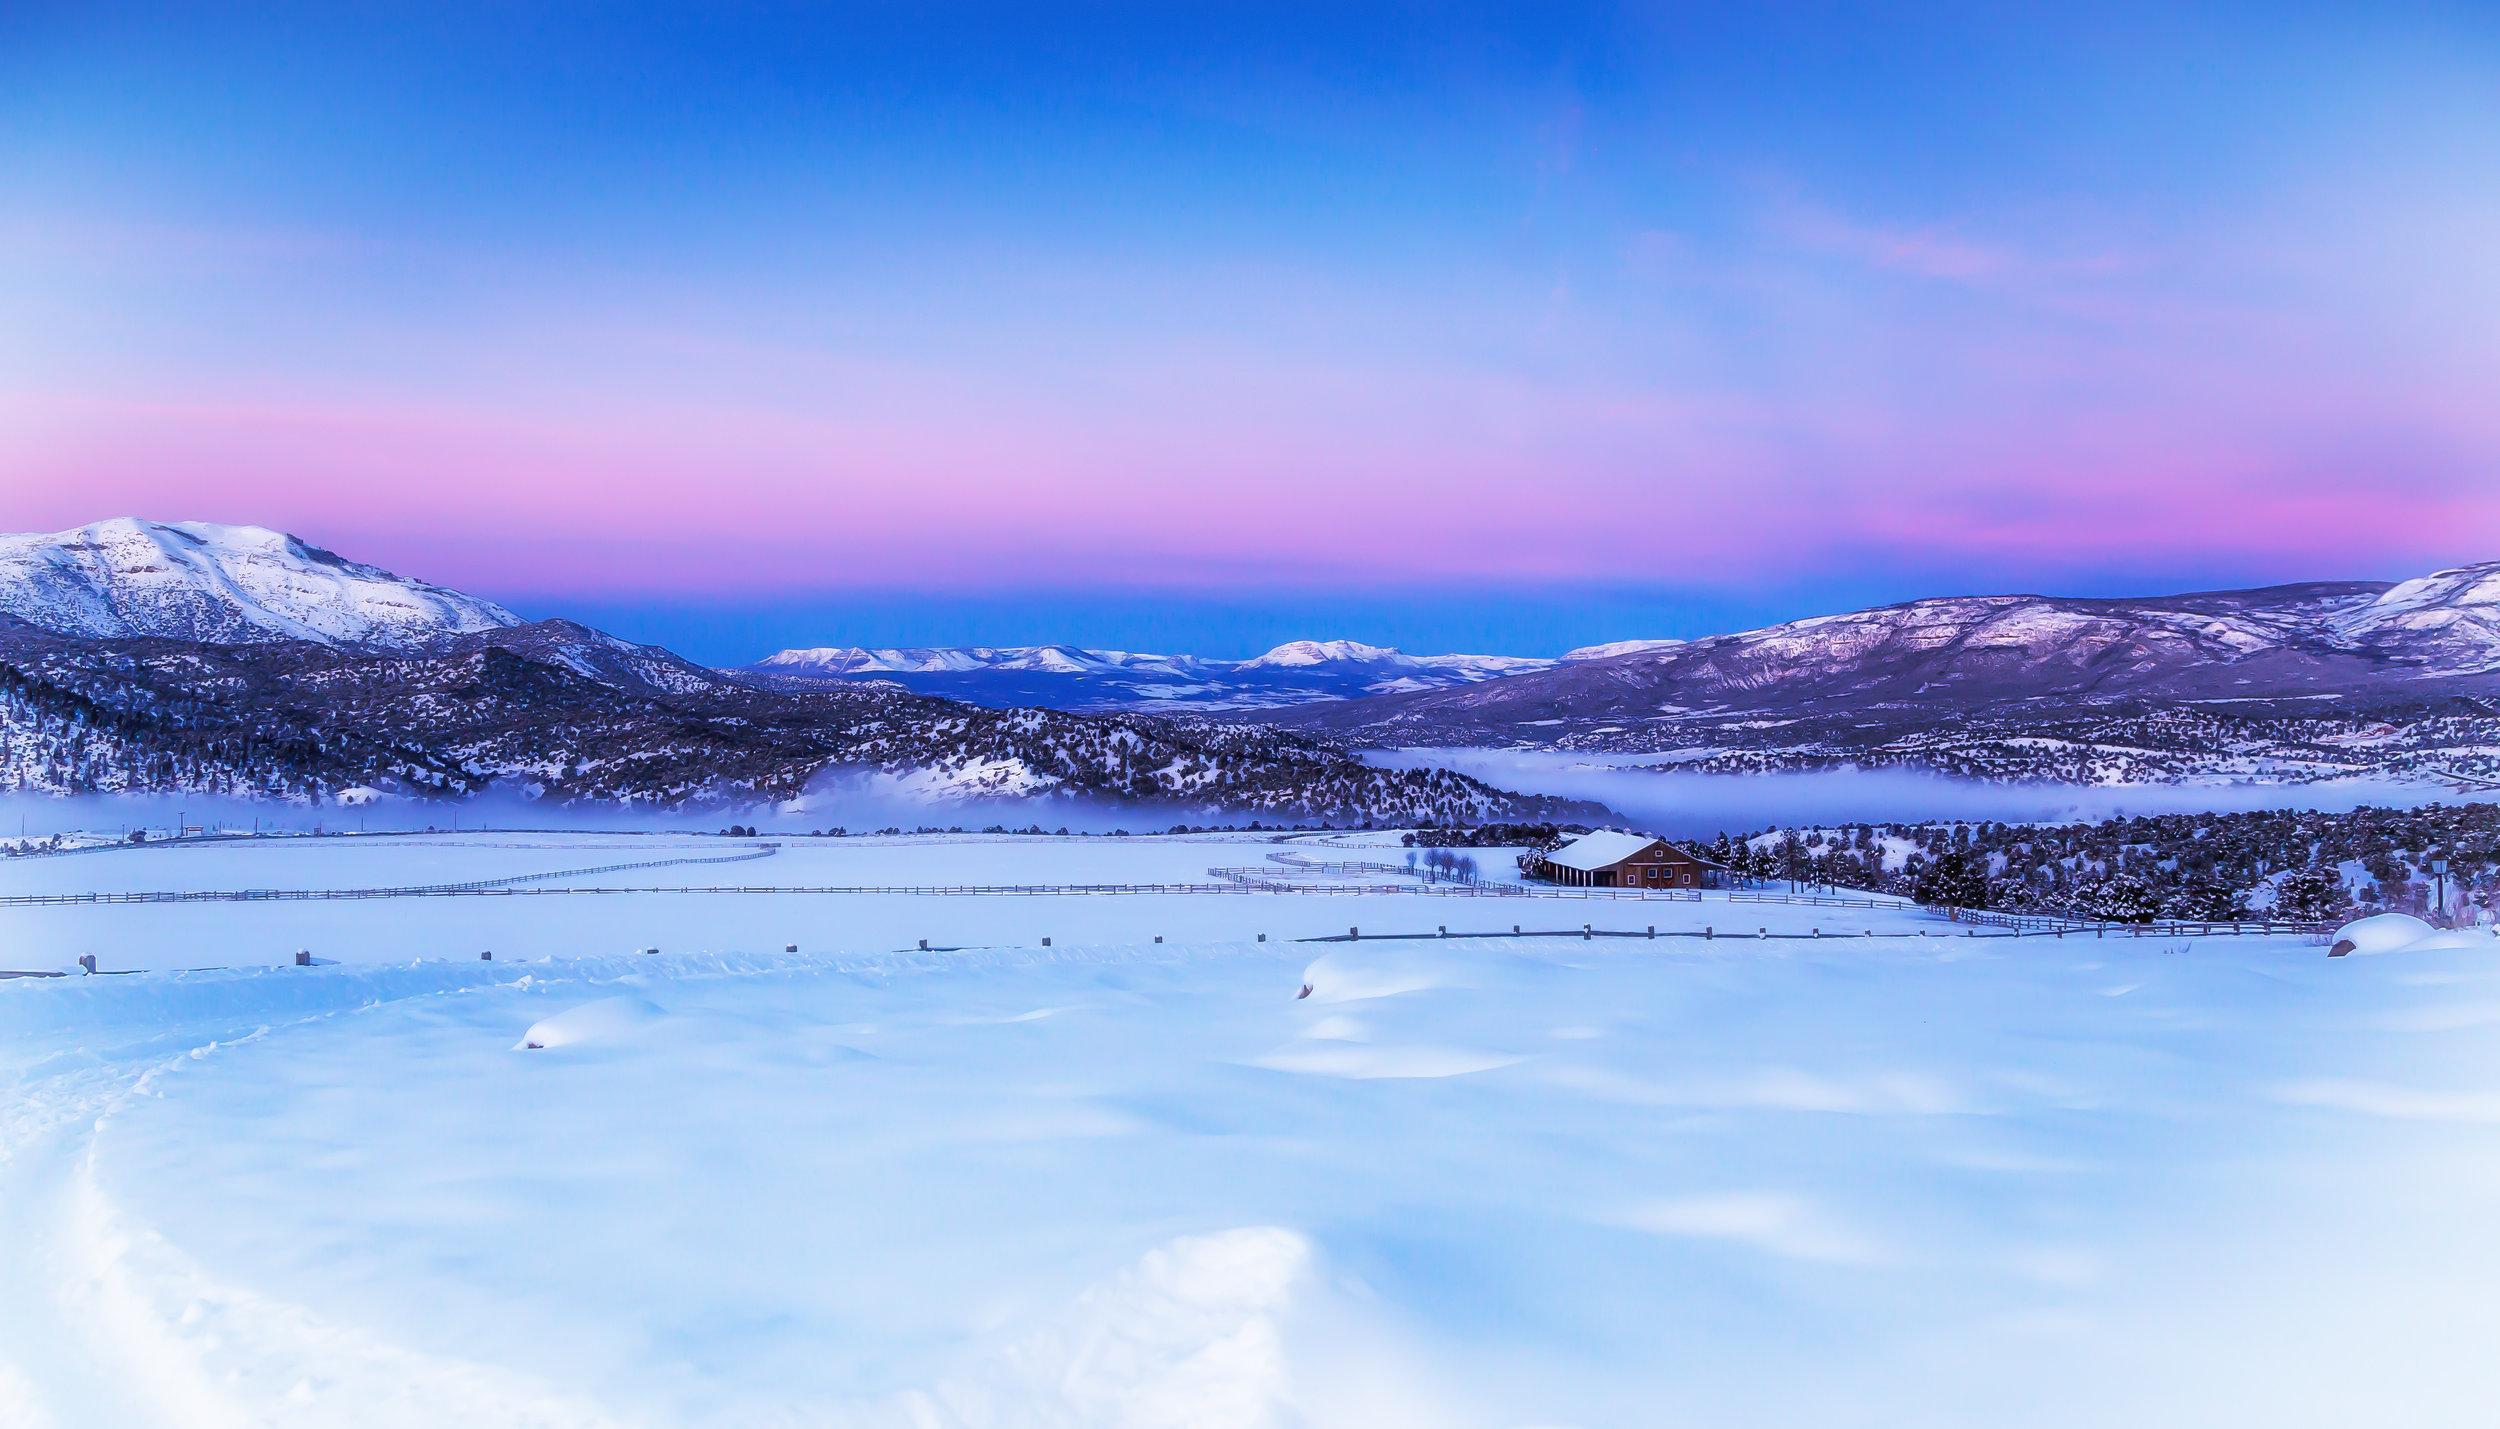 Beautiful winter scenery at sunset.